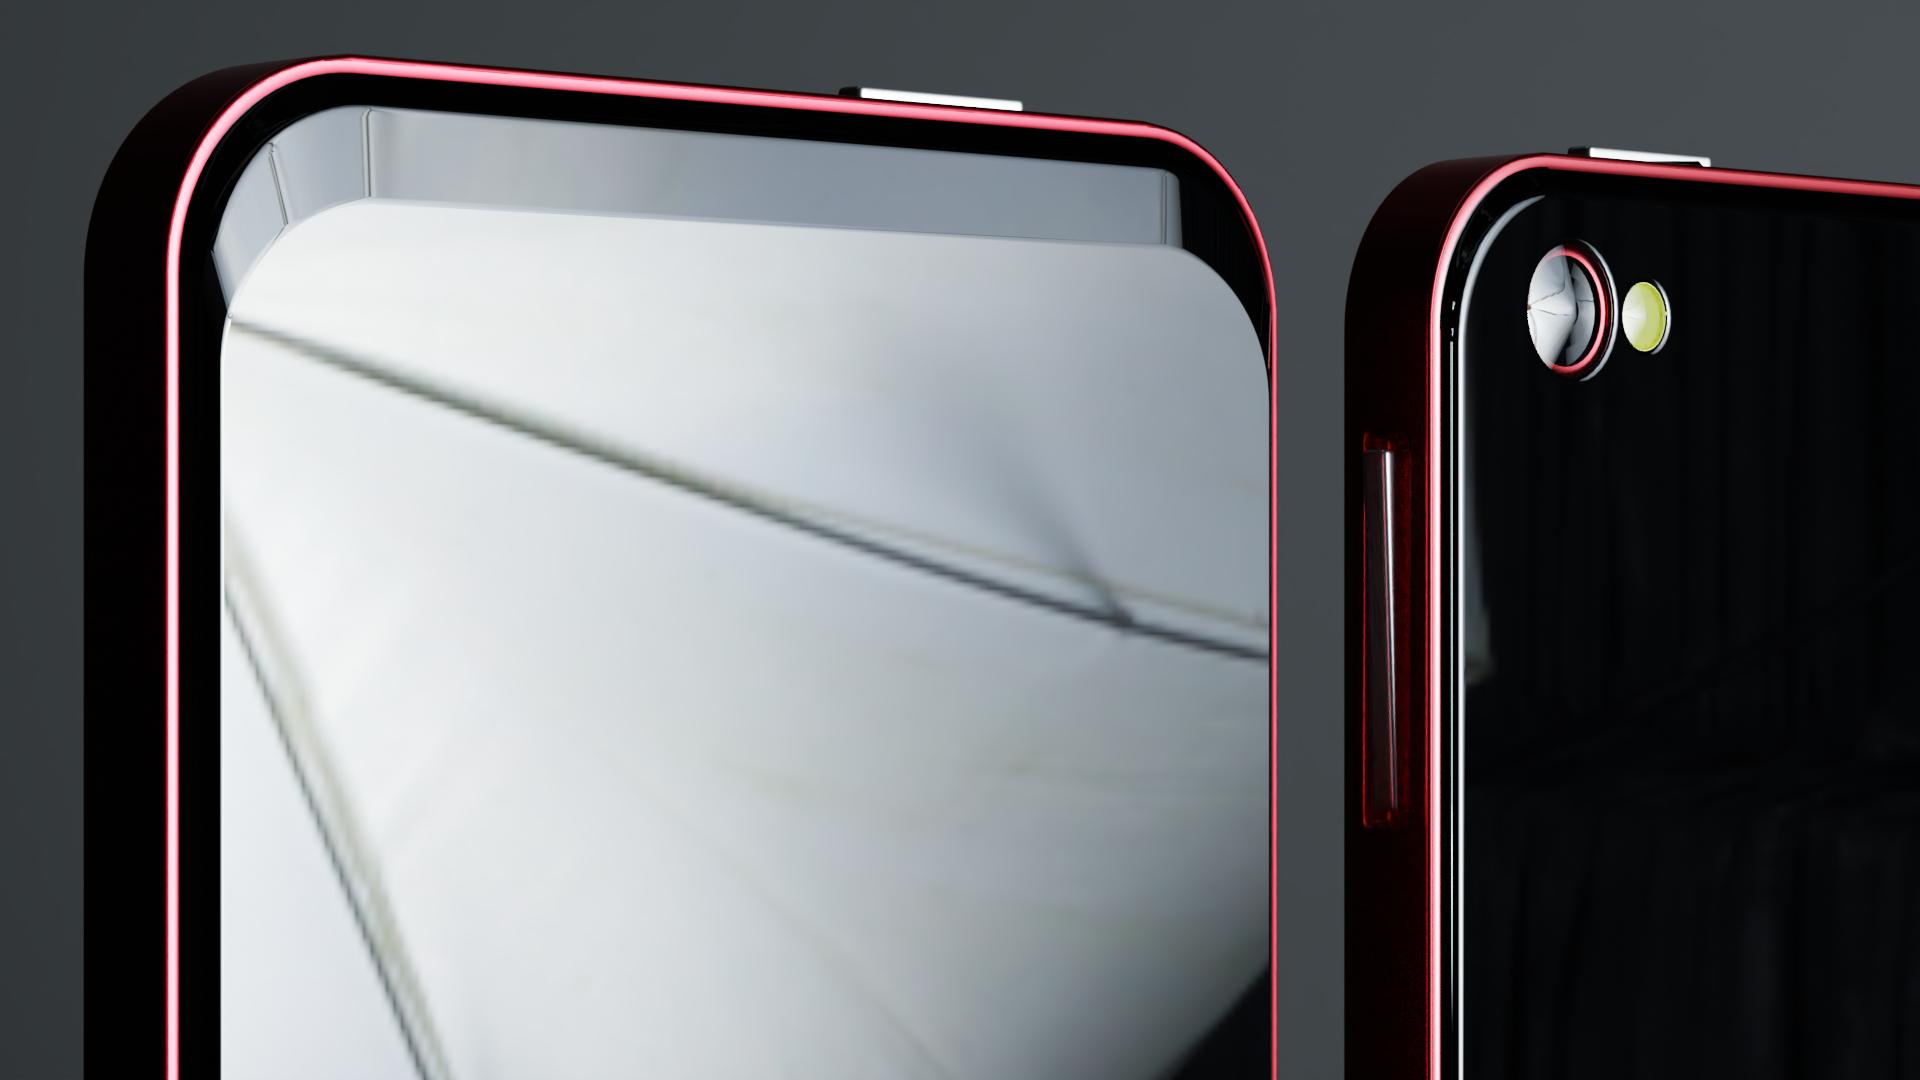 टेलीफोन Blender cycles render में प्रस्तुत छवि